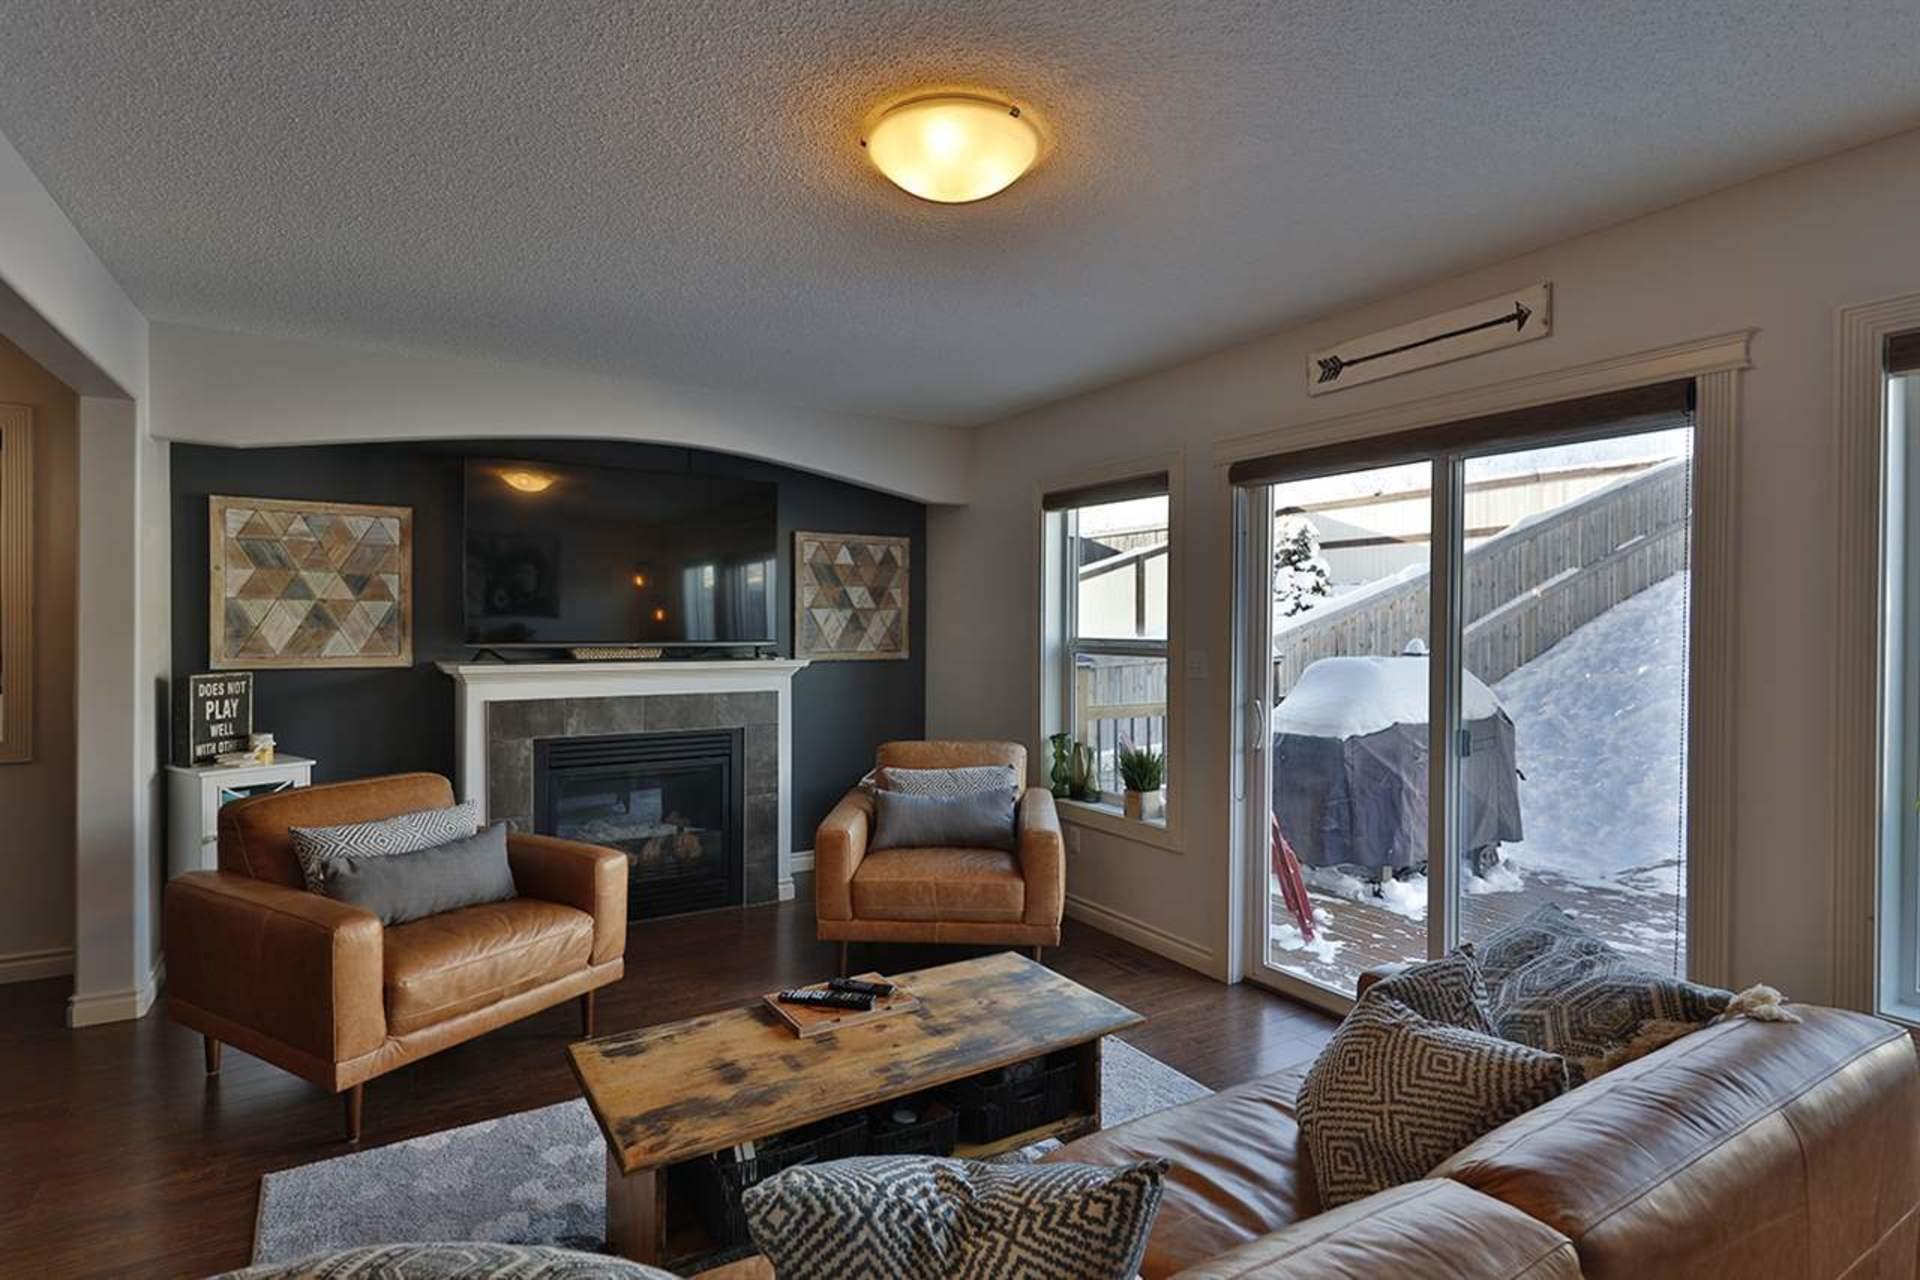 15134-33-street-kirkness-edmonton-06 at 15134 33 Street, Kirkness, Edmonton